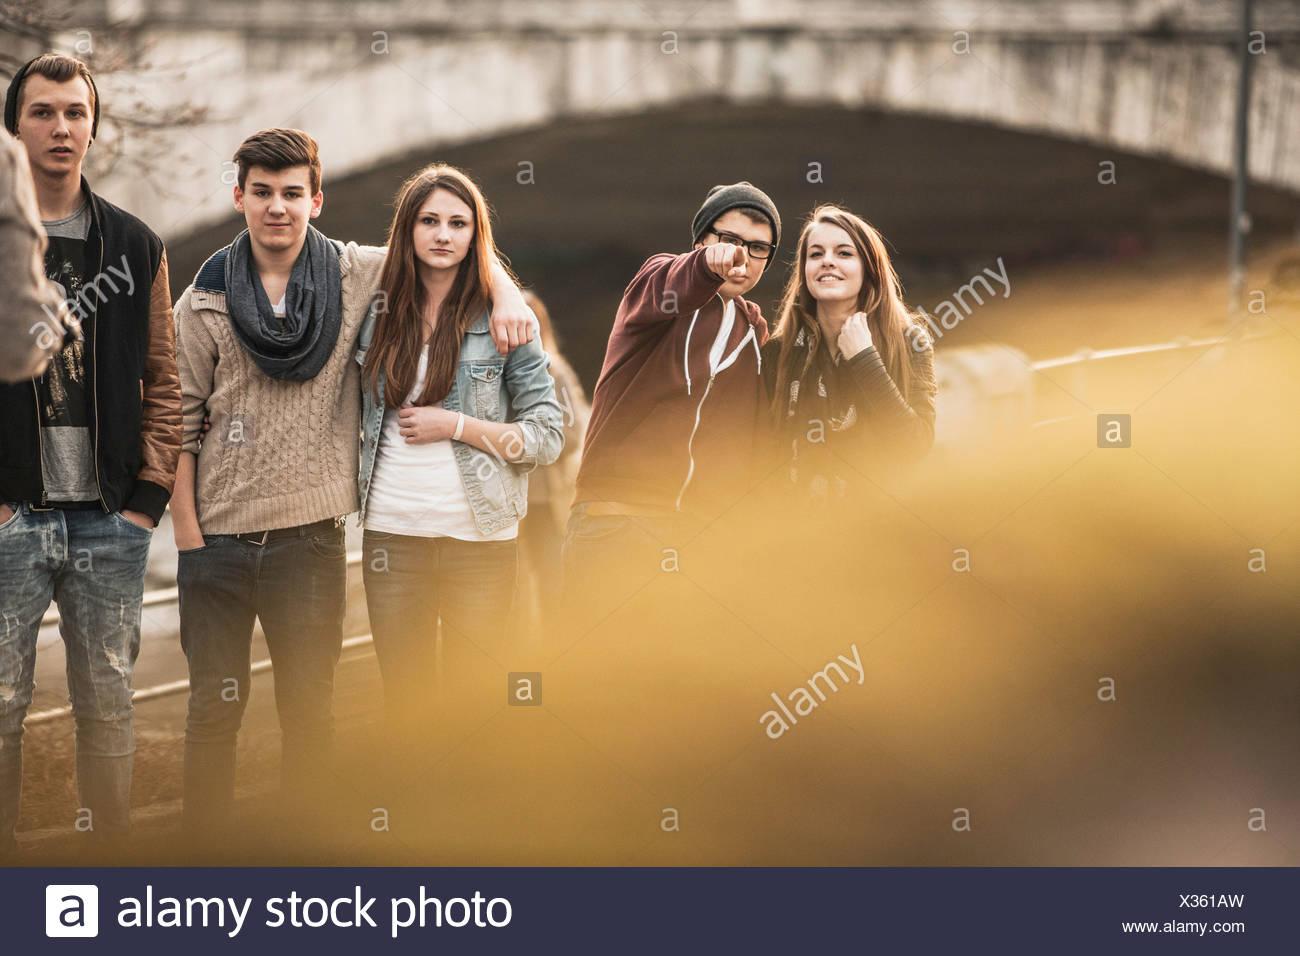 Fünf Jugendliche im Freien, junge zeigt auf Kamera Stockbild